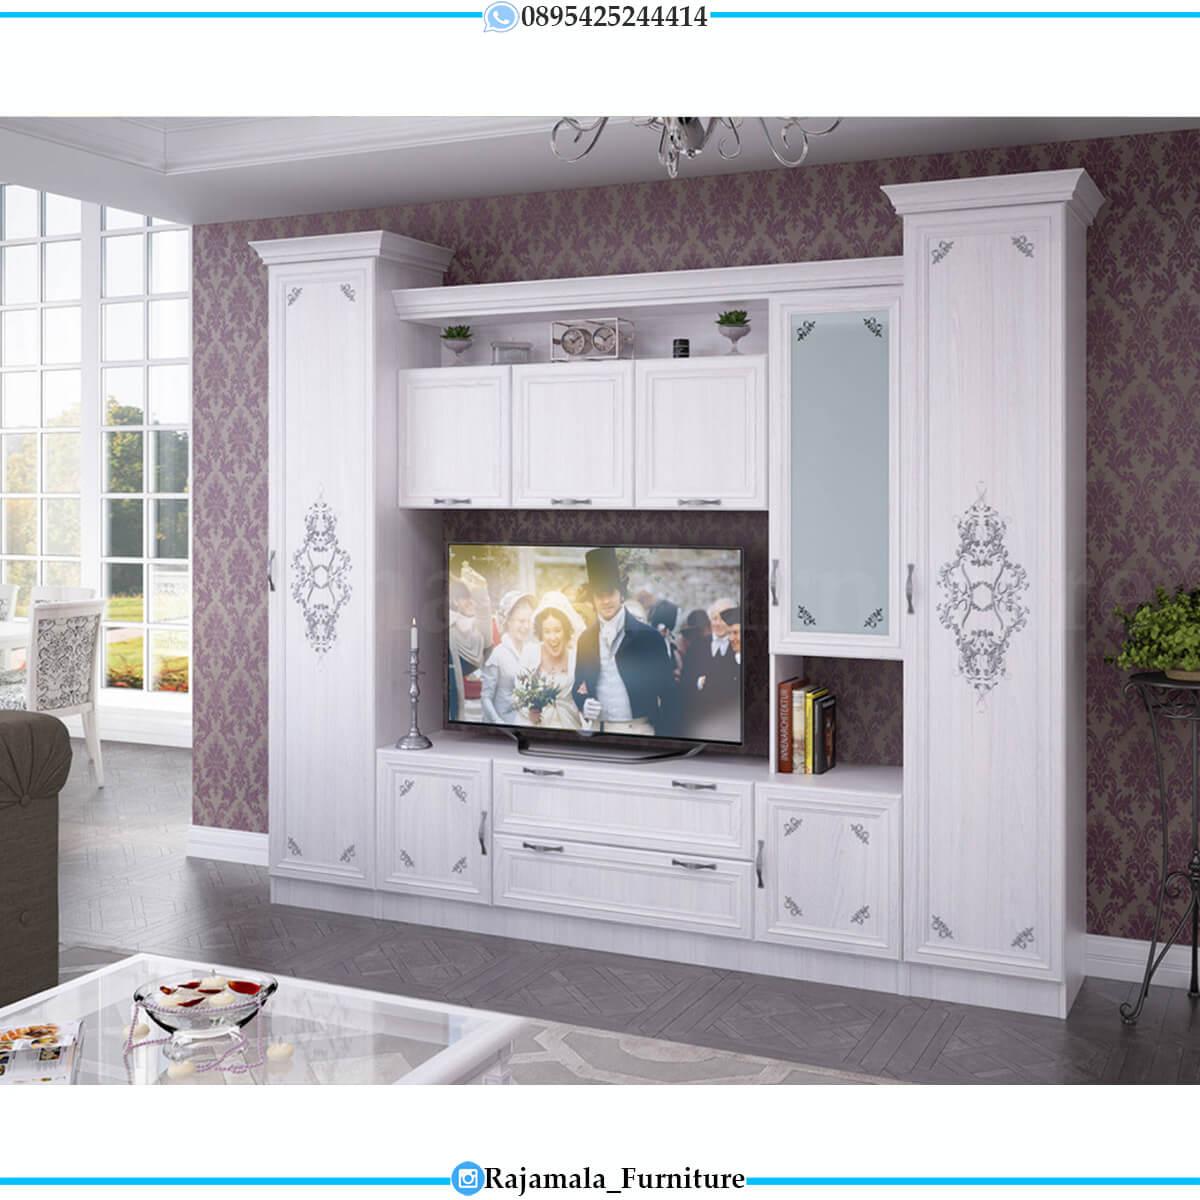 Desain Bufet TV Mewah Minimalis Jepara Luxurious Style RM-0656